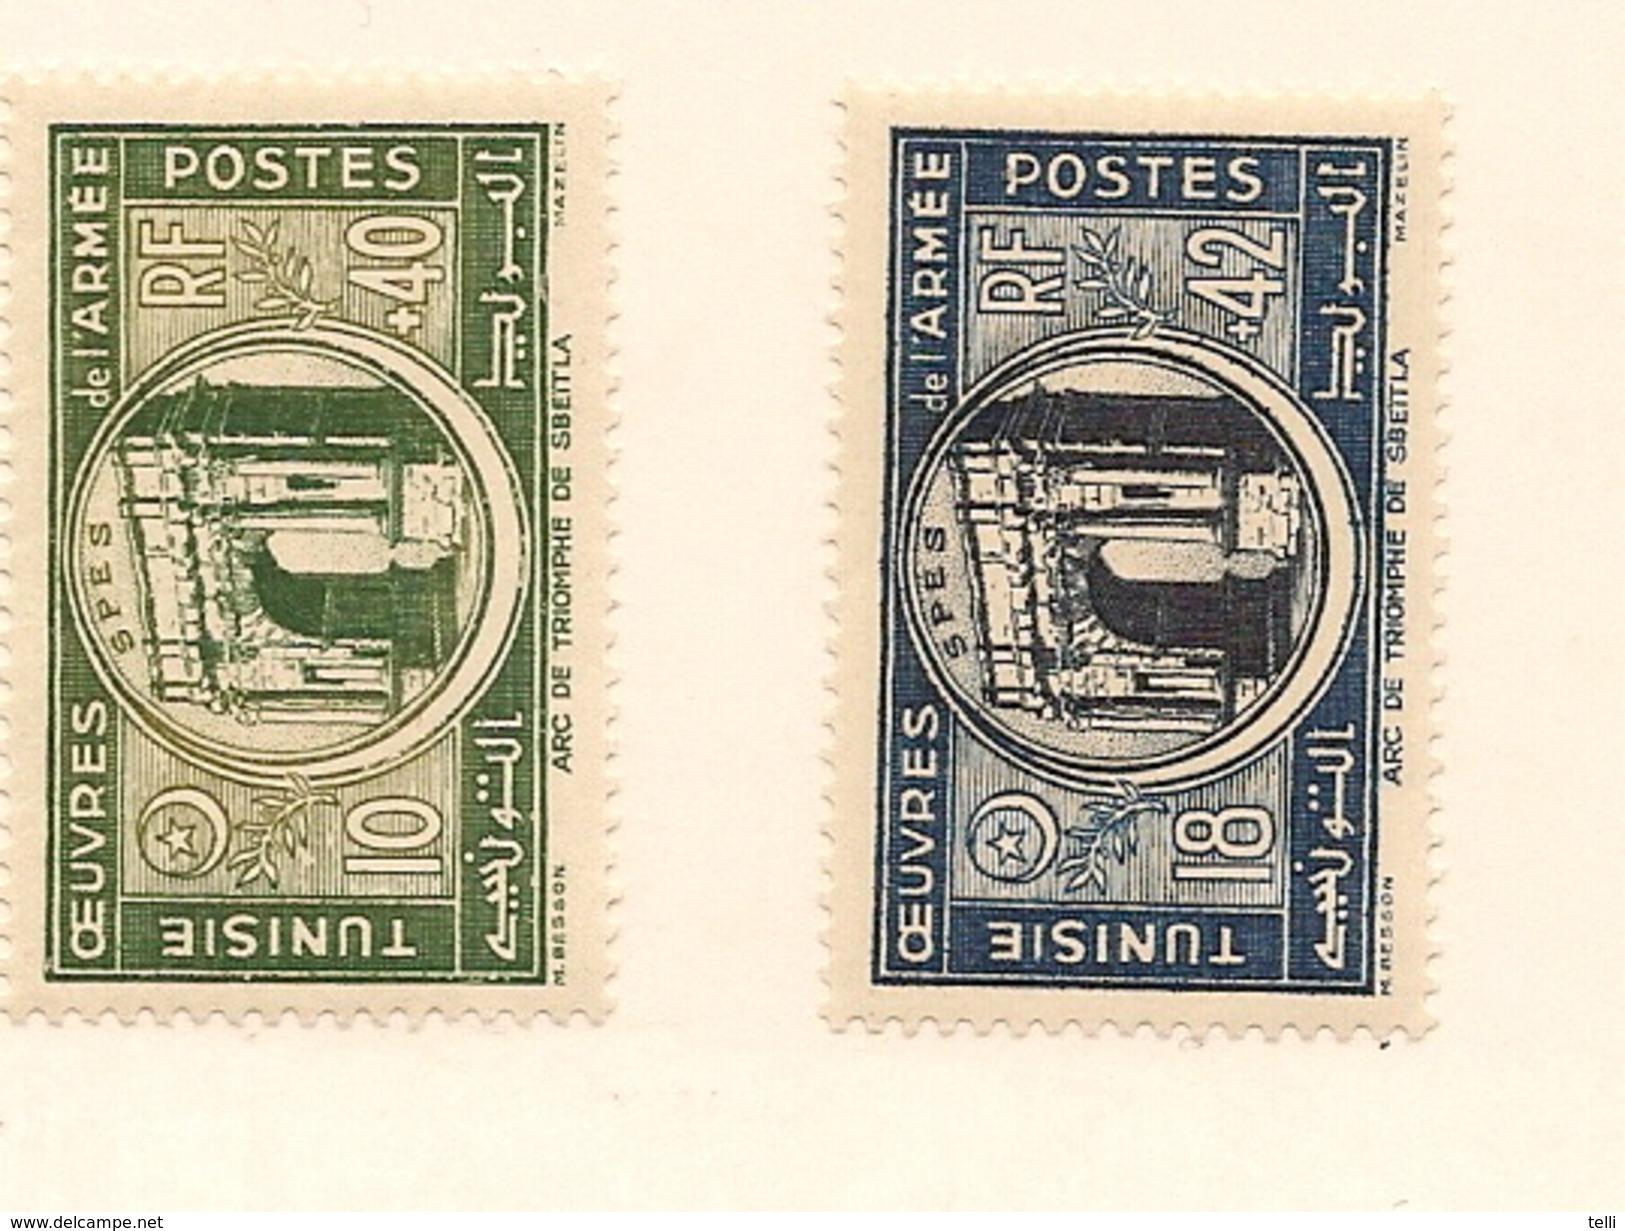 TUNISIE Scott B104-B105 Yvert 326-327 (2) * Cote 4$ - Neufs